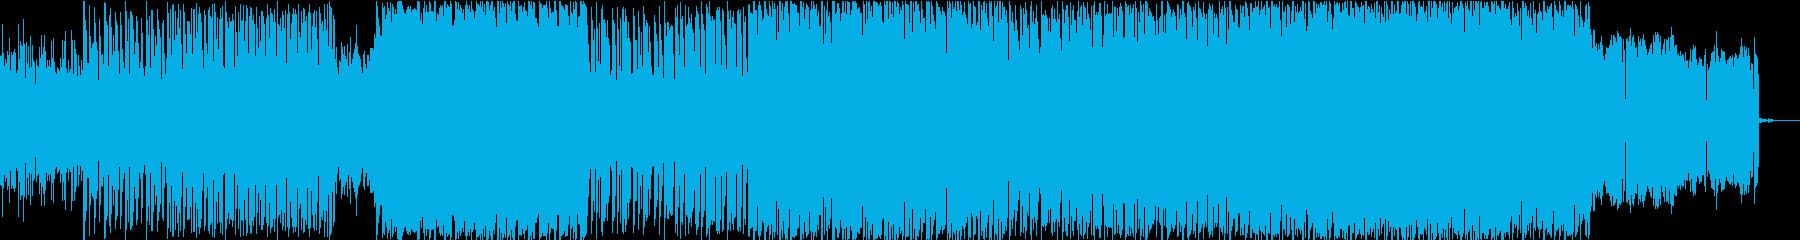 シリアスでダークな激しめイメージの再生済みの波形